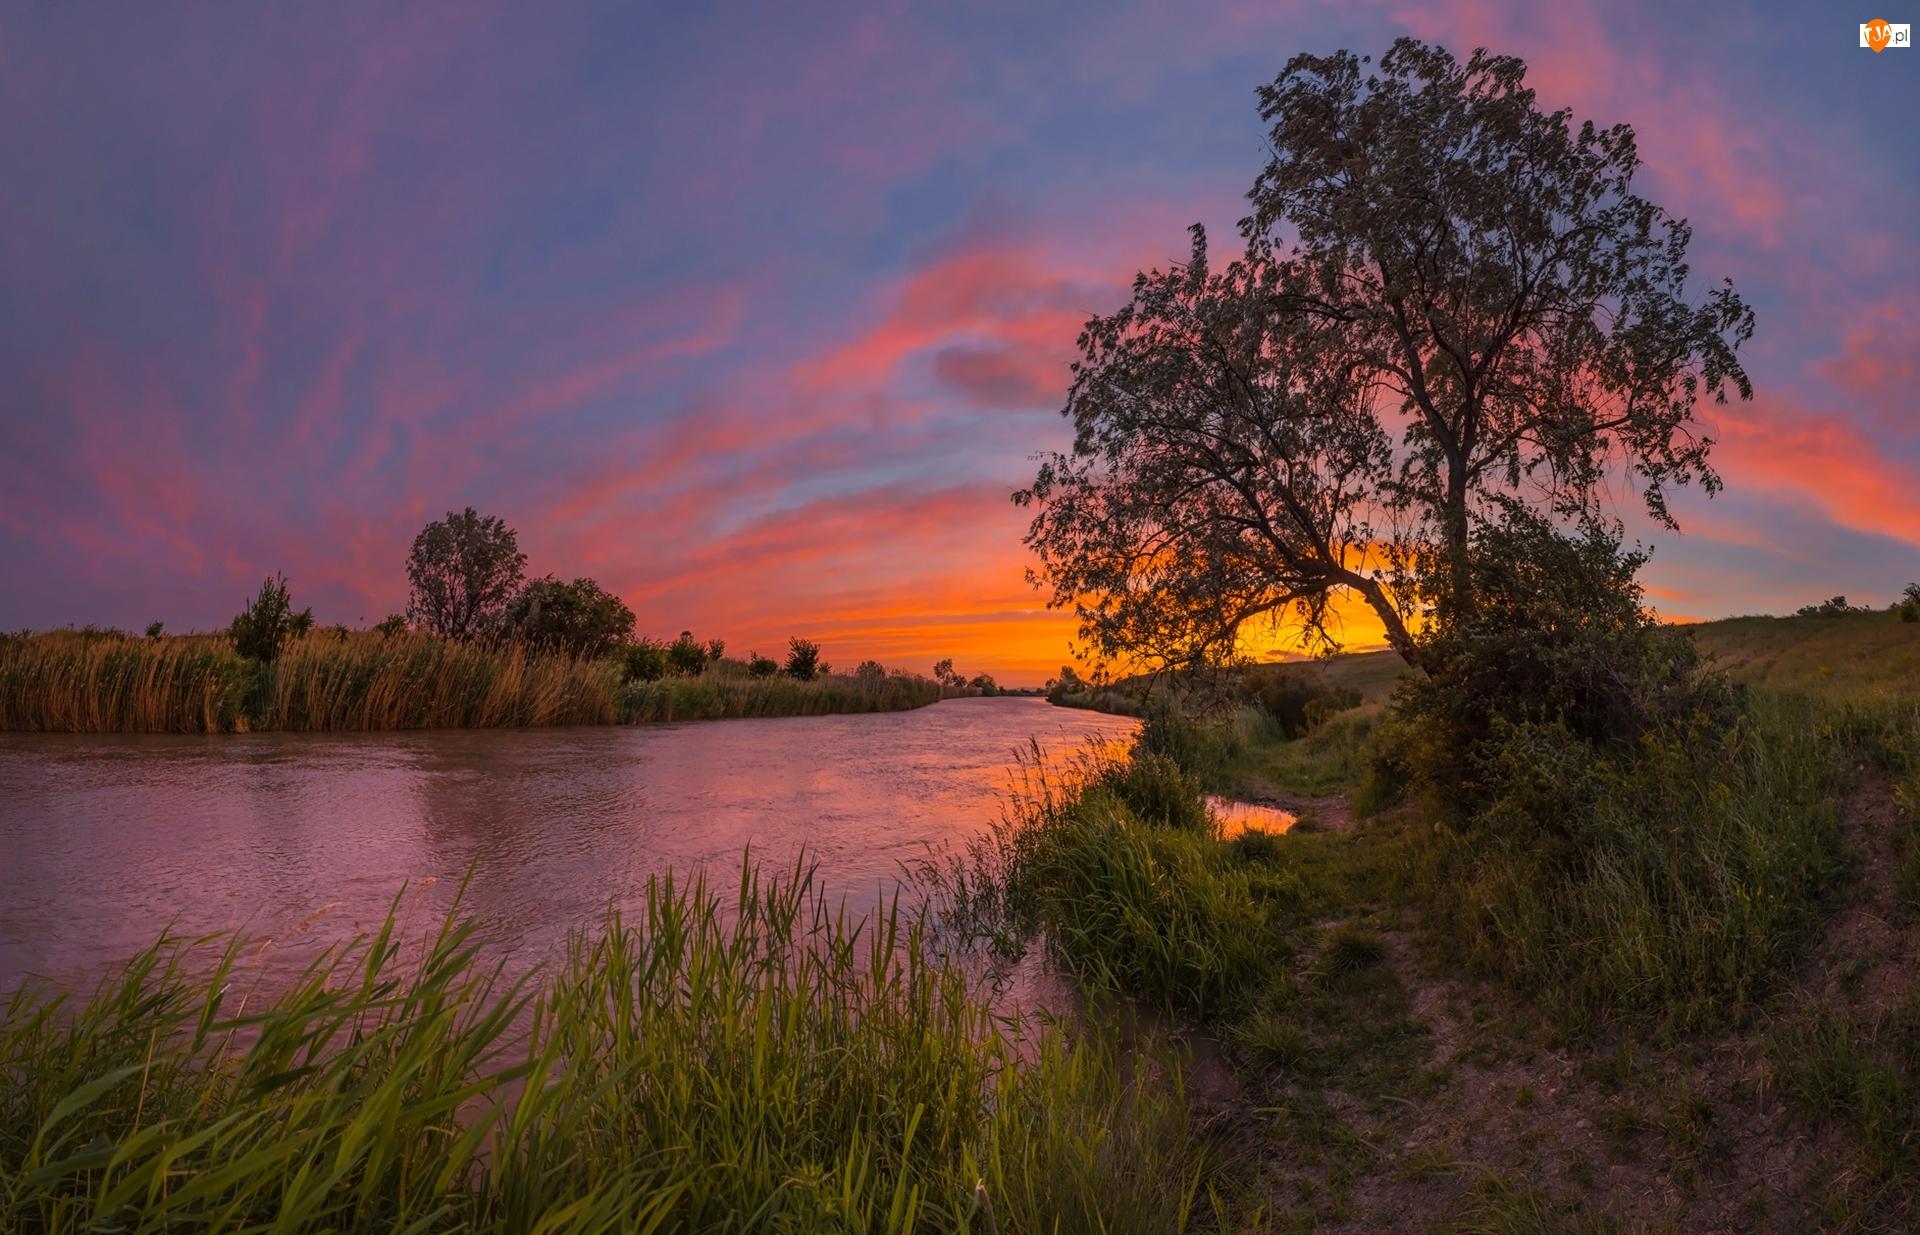 Stawropol, Rzeka, Roślinność, Kraj Stawropolski, Kanał Nevinnomyssk, Zachód słońca, Rosja, Drzewa